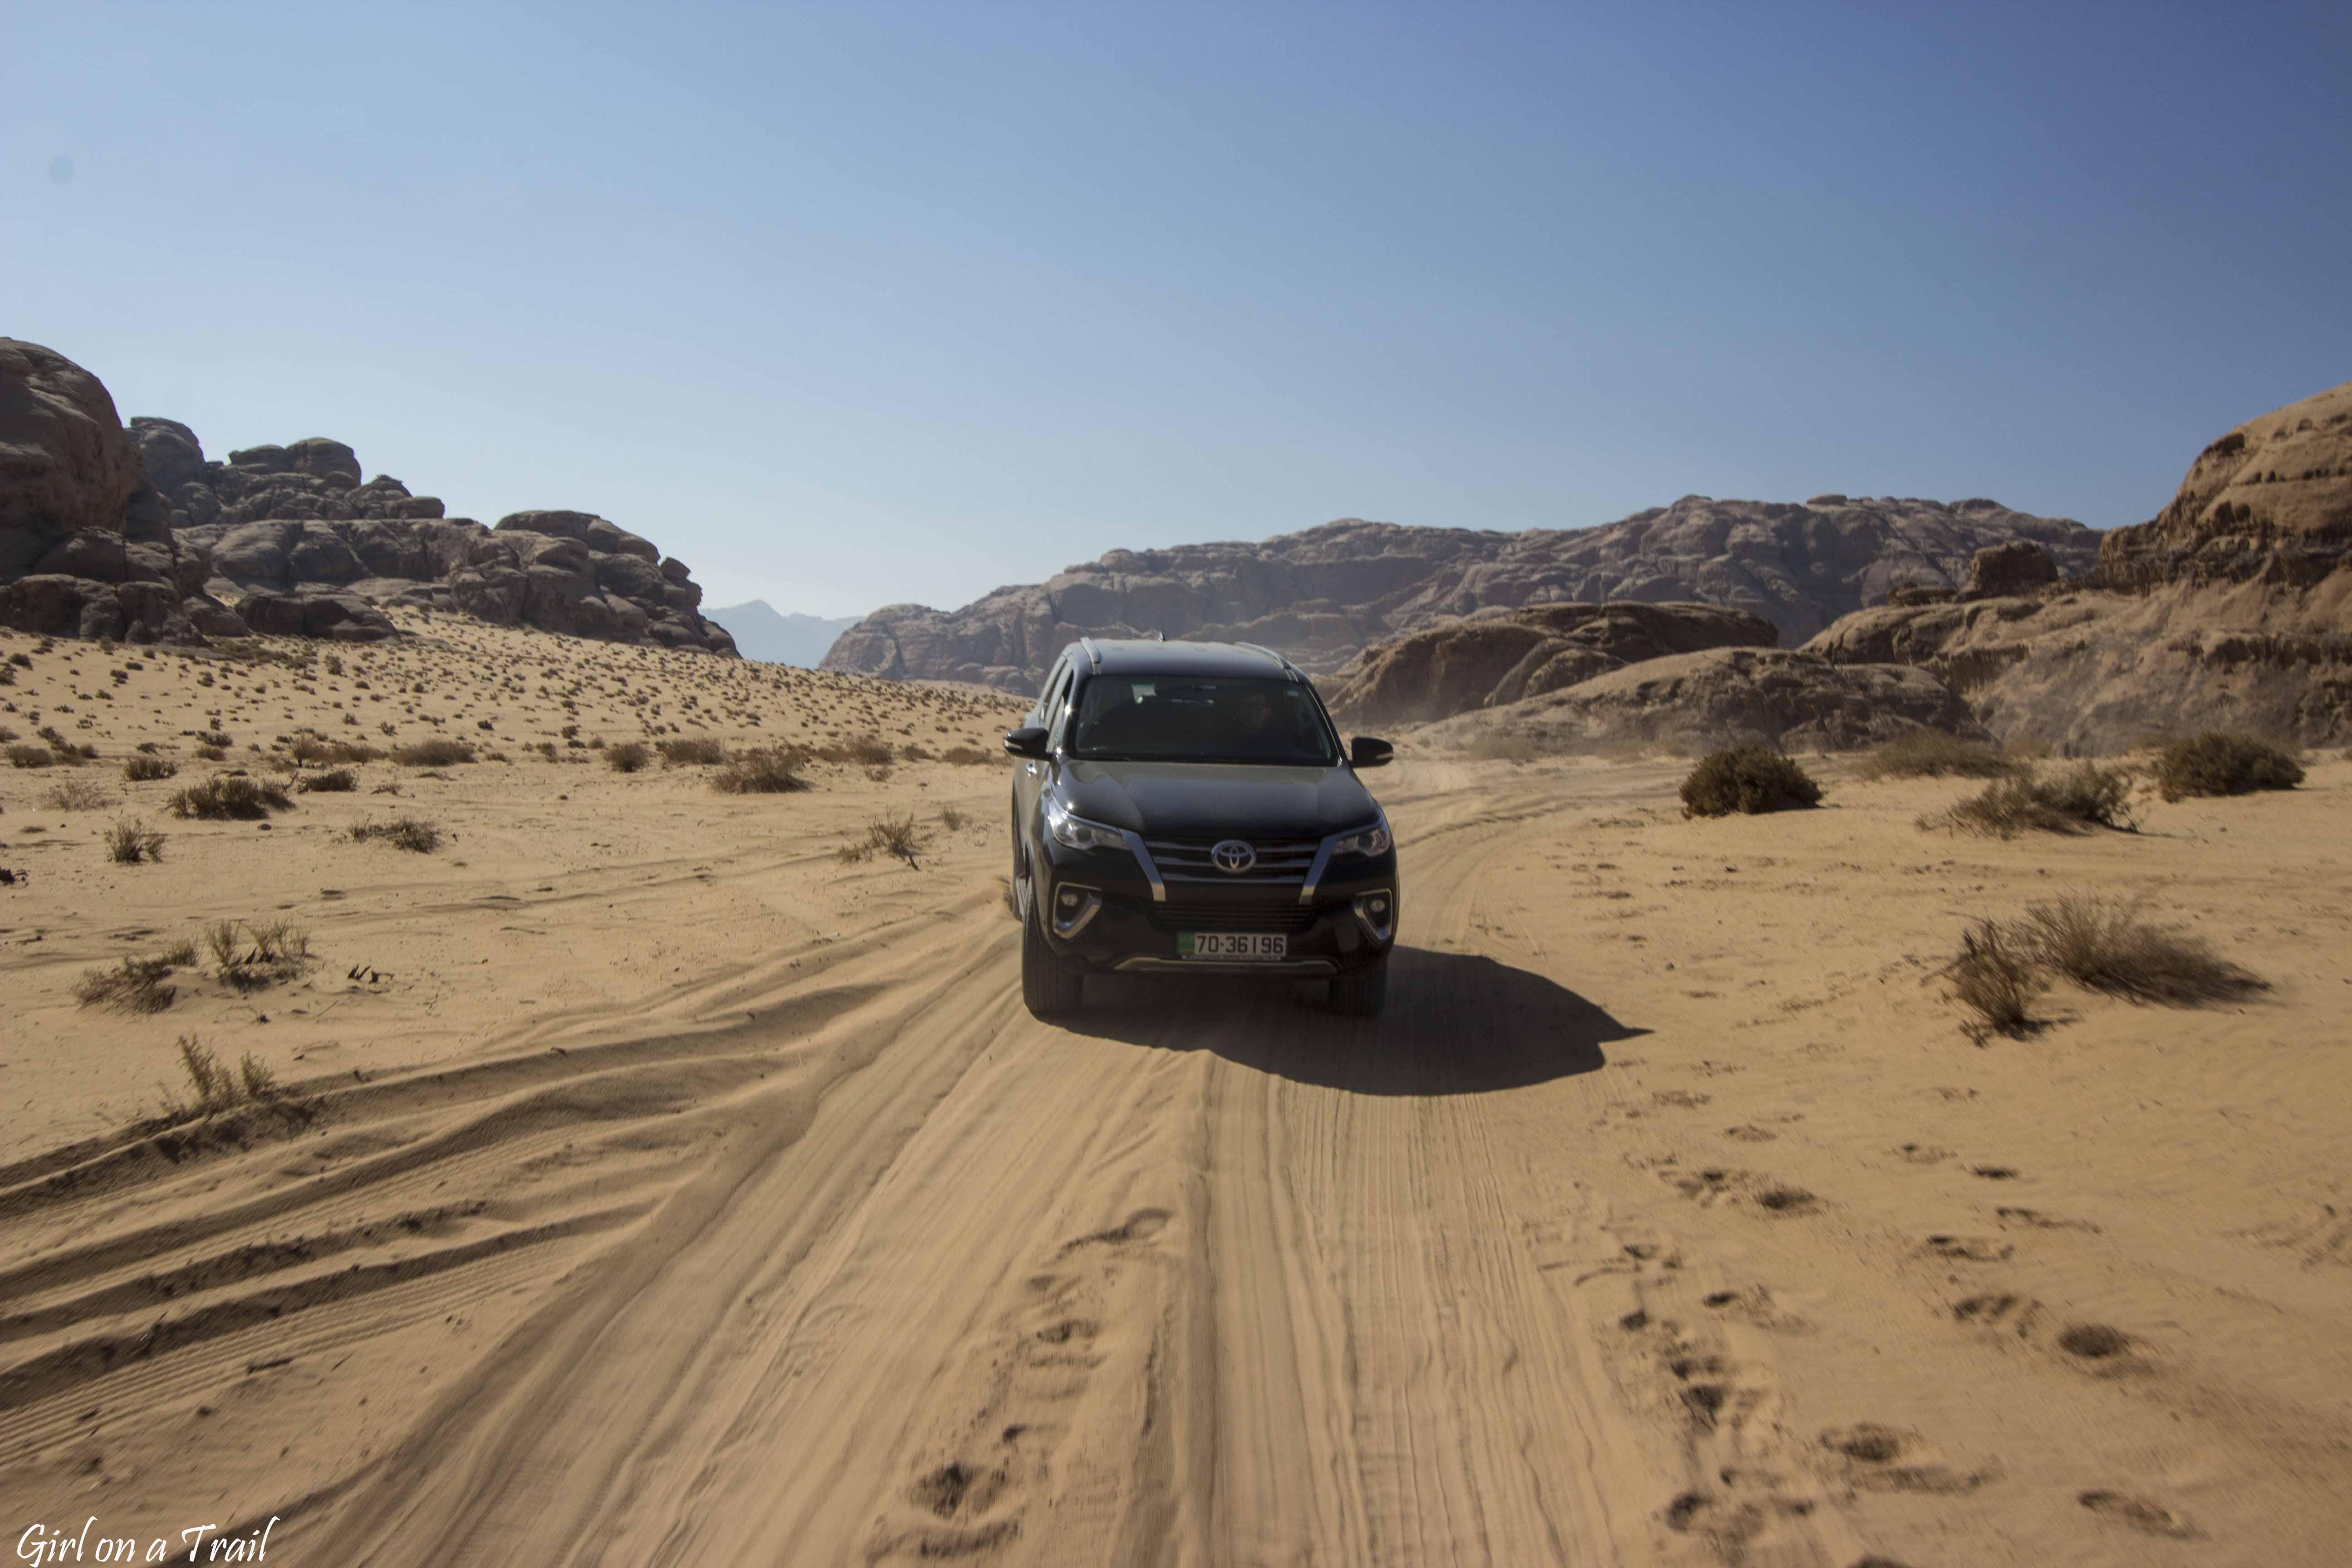 Jordania - Wadi Rum